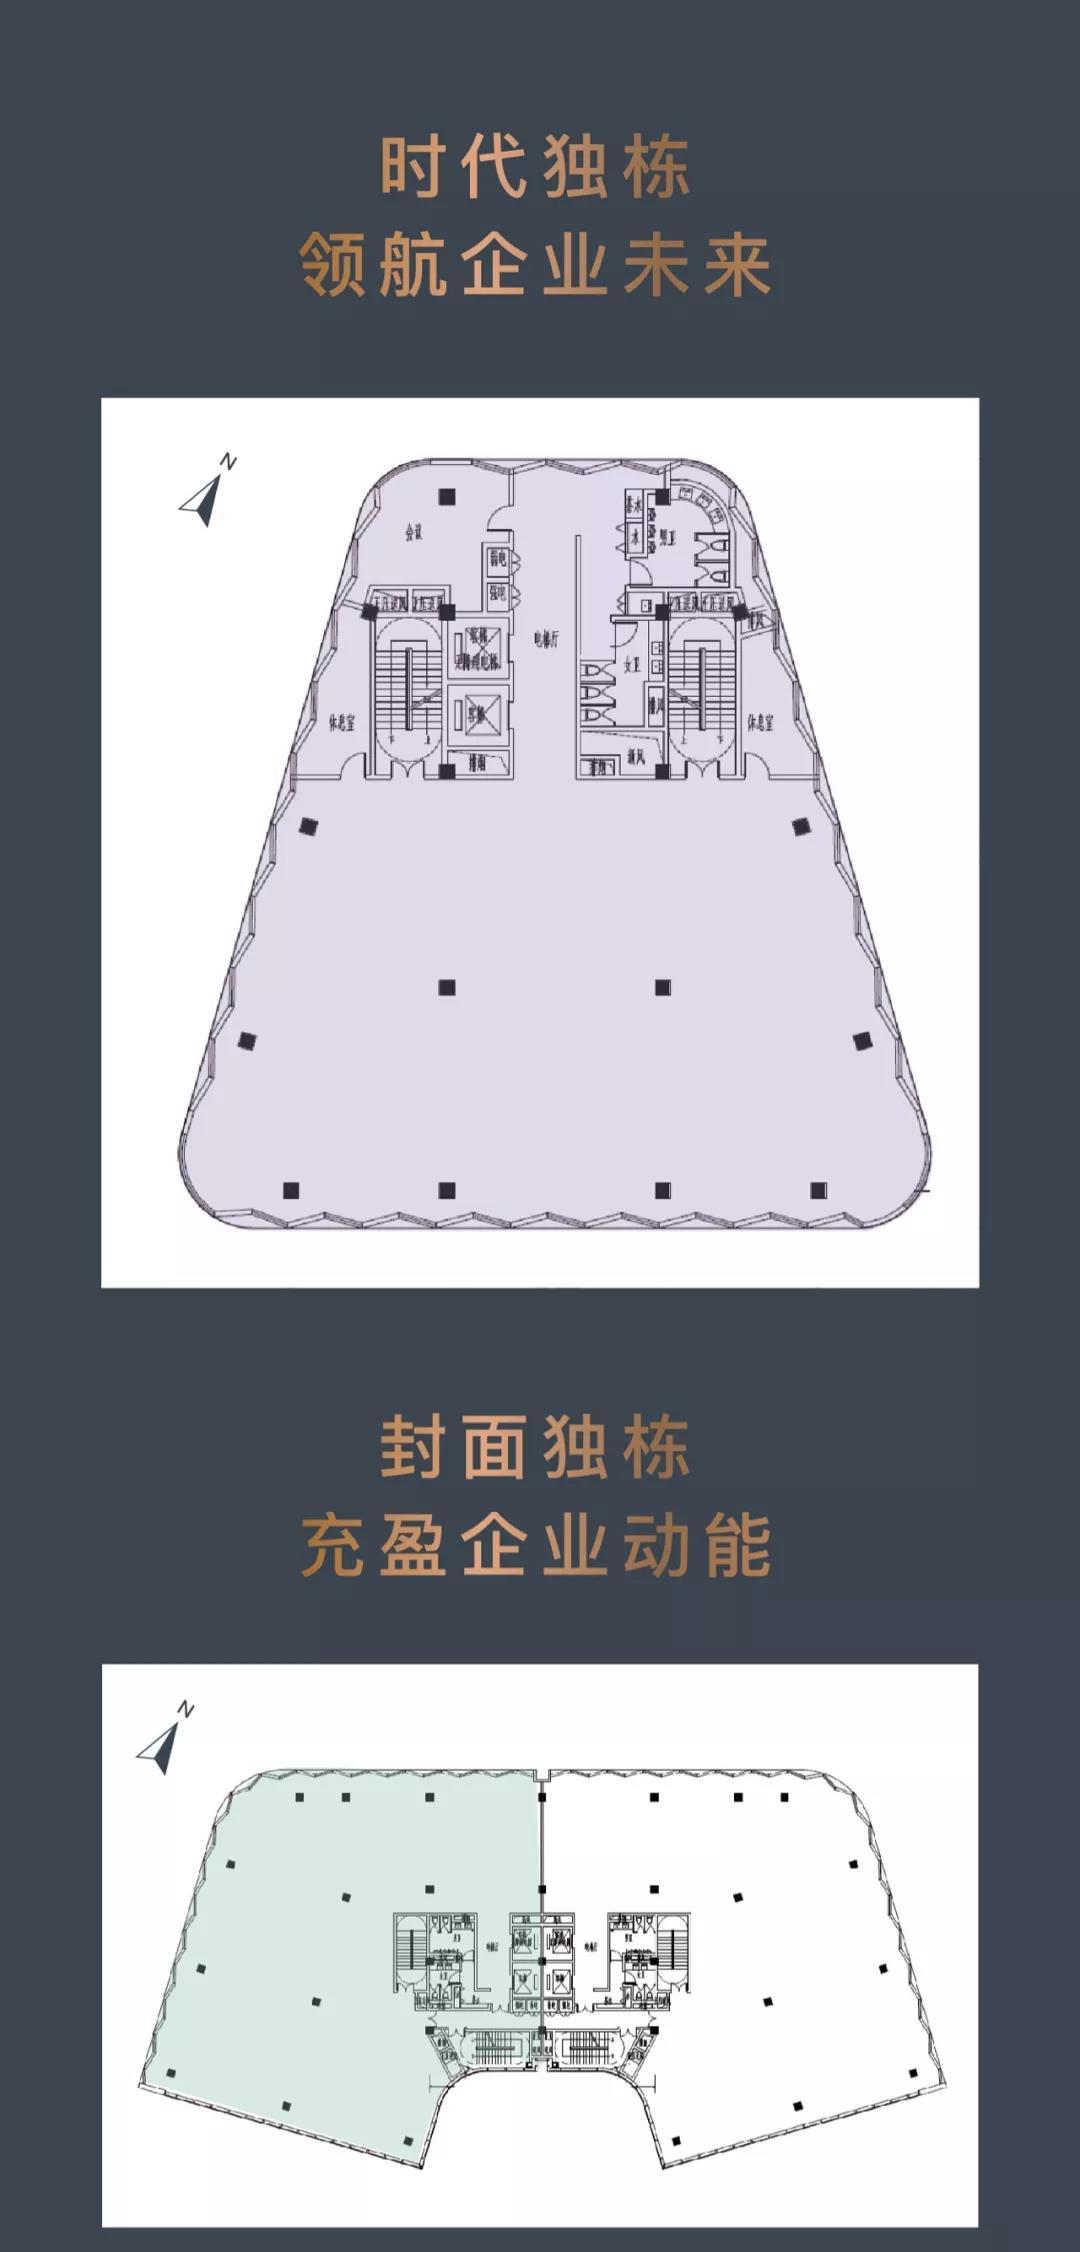 大虹桥BU中心出租/租赁/租金